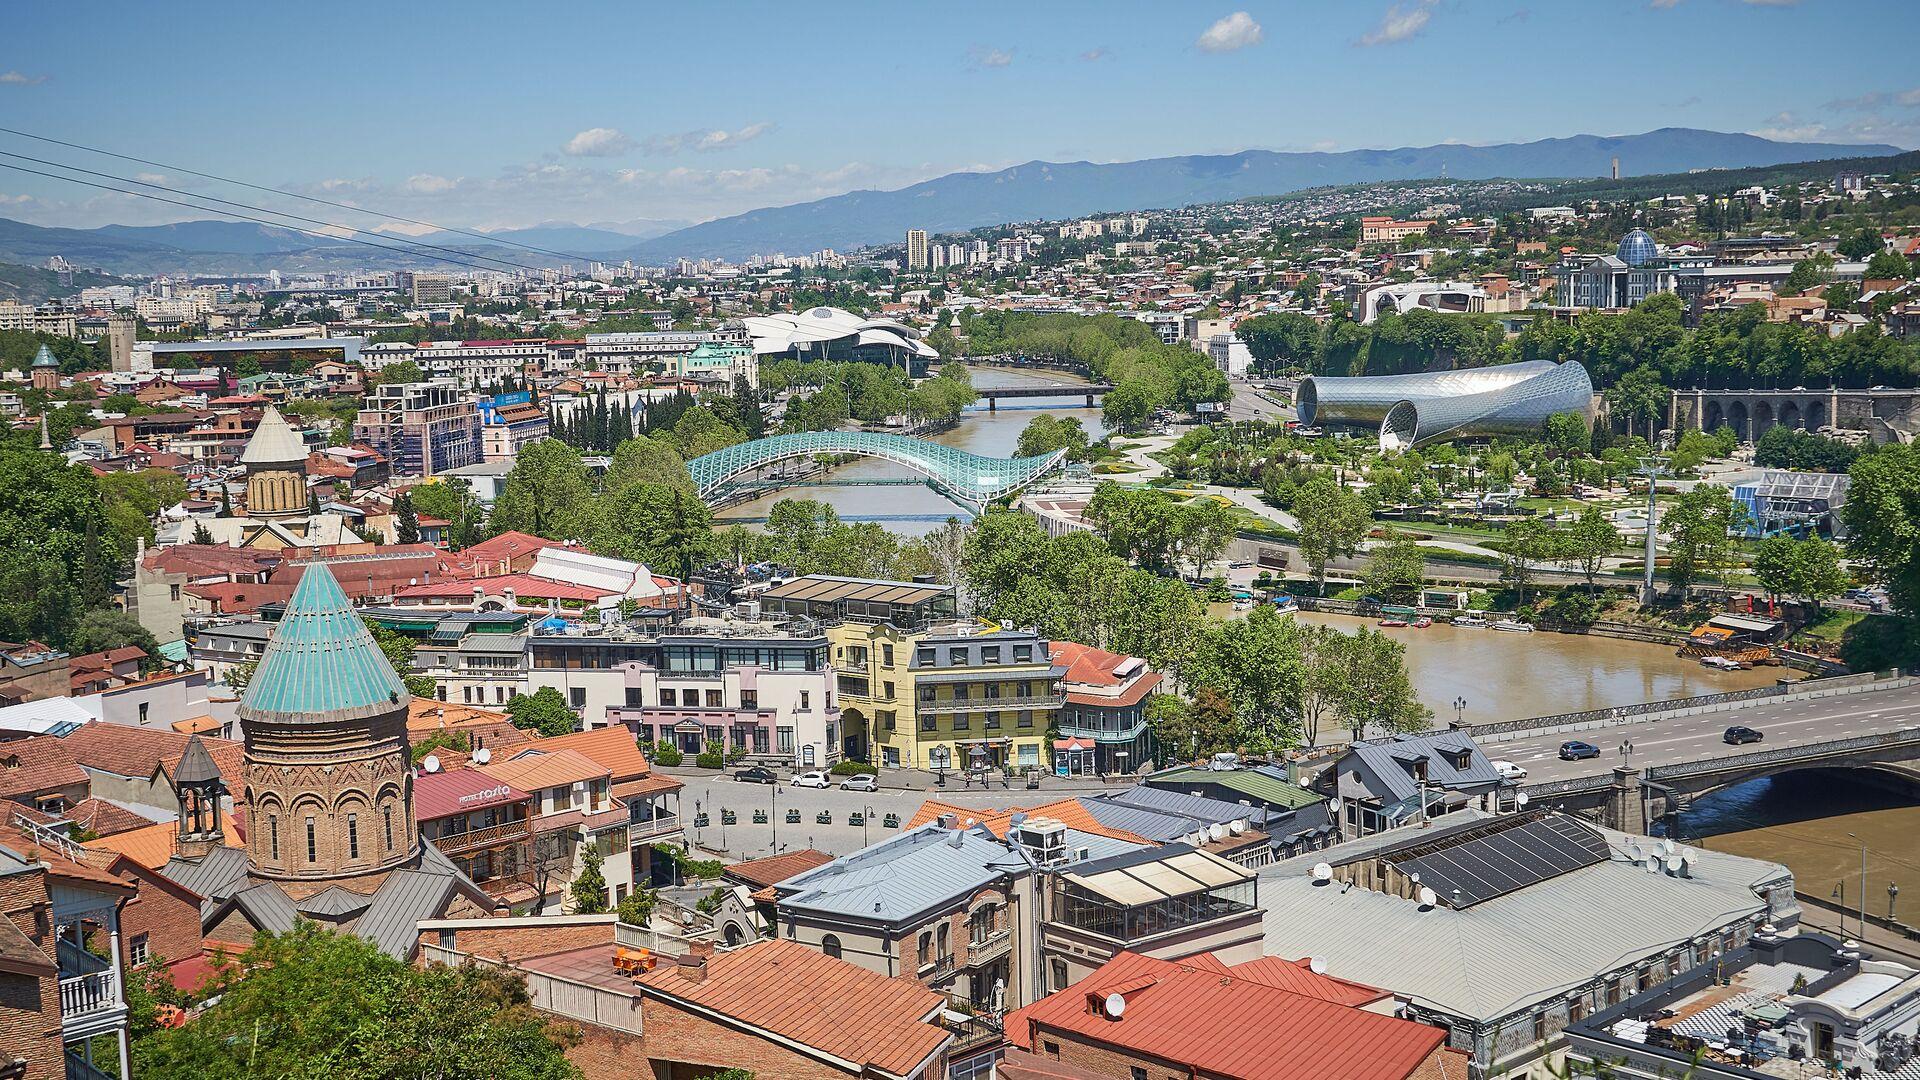 Вид на город Тбилиси - исторический центр набережная реки Кура и мосты - Sputnik Грузия, 1920, 09.03.2021